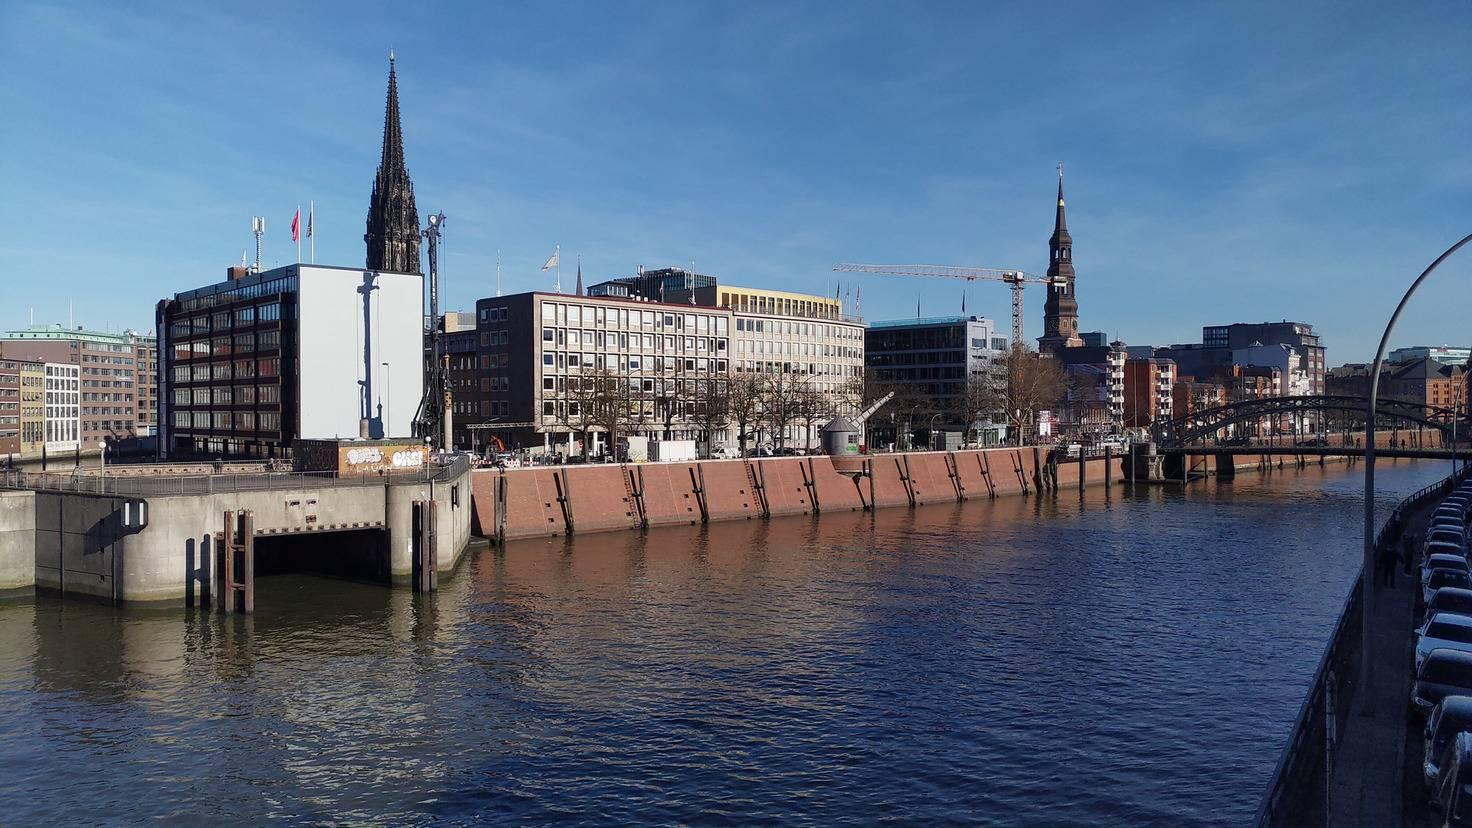 Eine Tageslichtaufnahme nahe der Hamburger Speicherstadt.